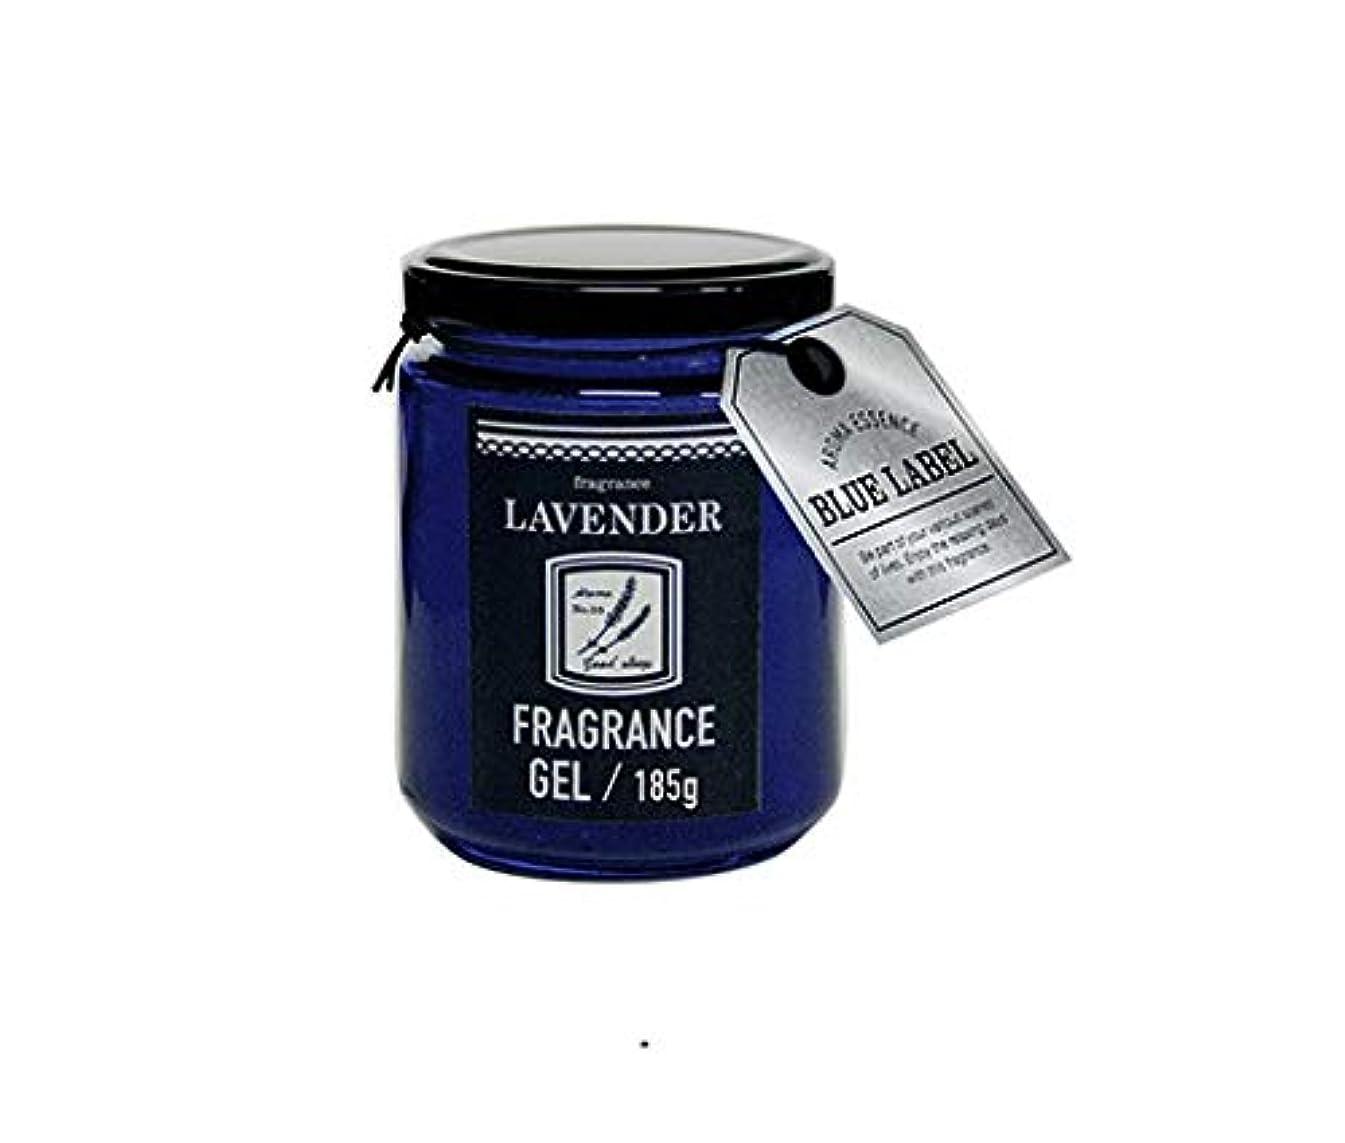 アロマエッセンスブルーラベル フレグランスジェル185g ラベンダー(消臭除菌 日本製 心落ち着ける香り)